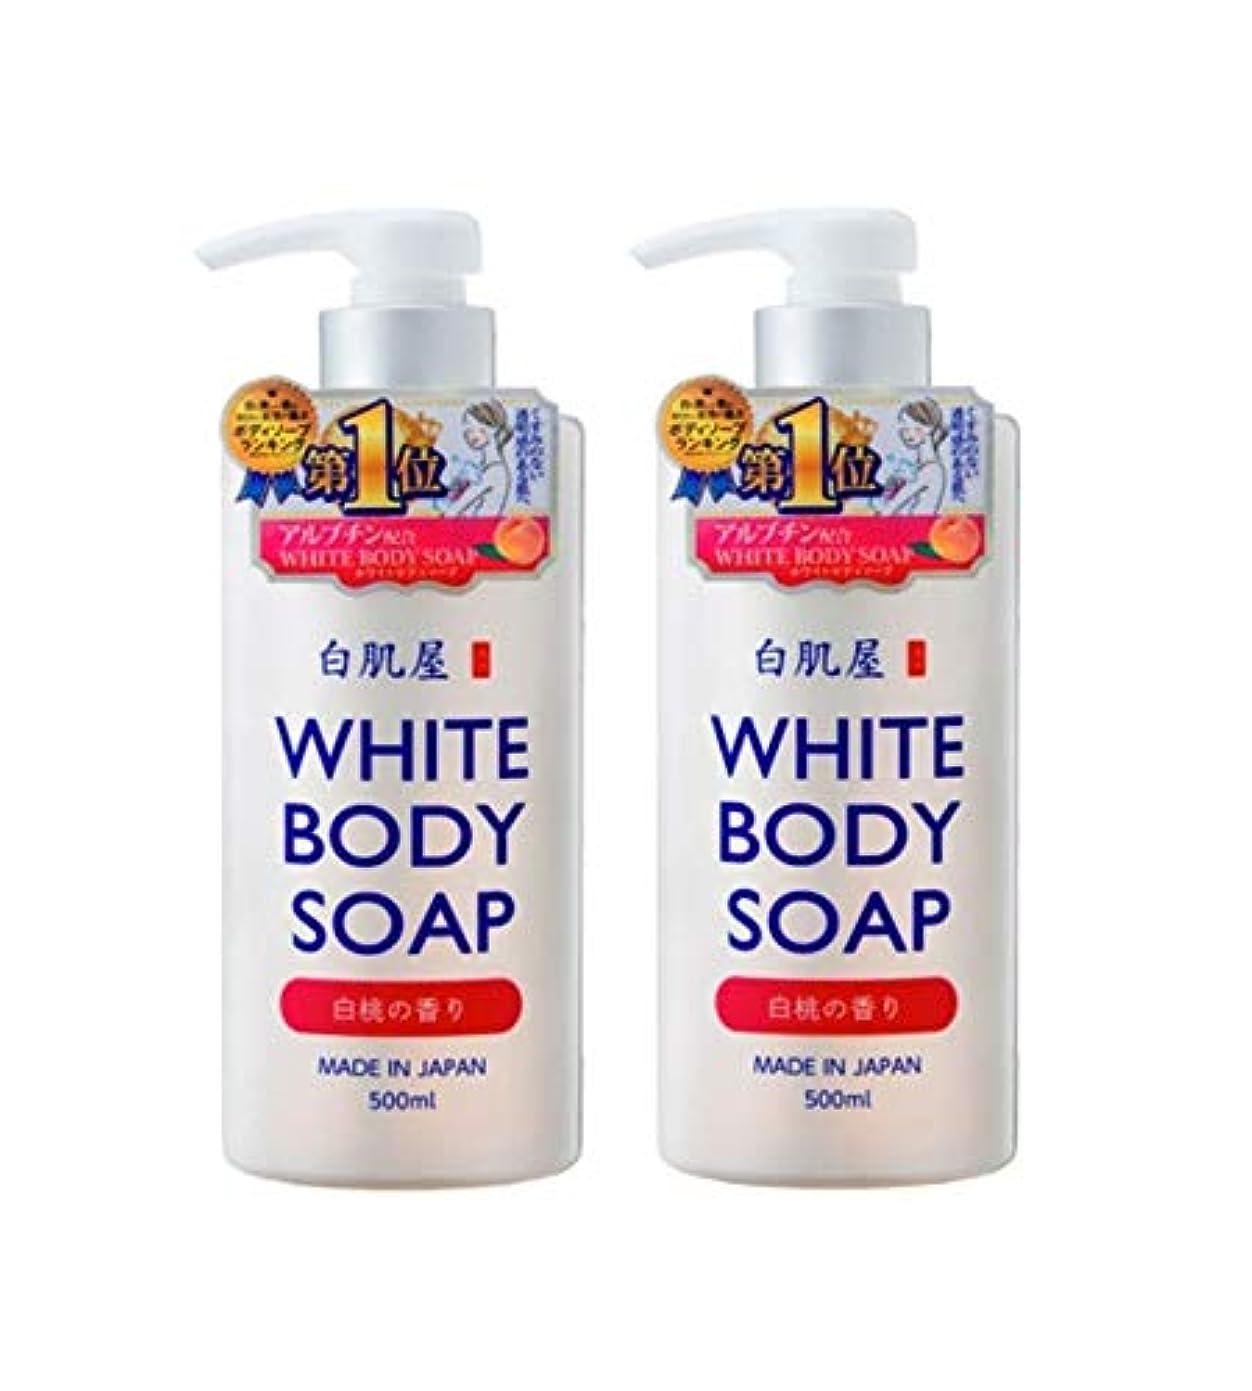 眉かなり橋アイスタイル リシャン 白肌屋 ホワイトボディソープ 白桃の香り 500ml×2本セット